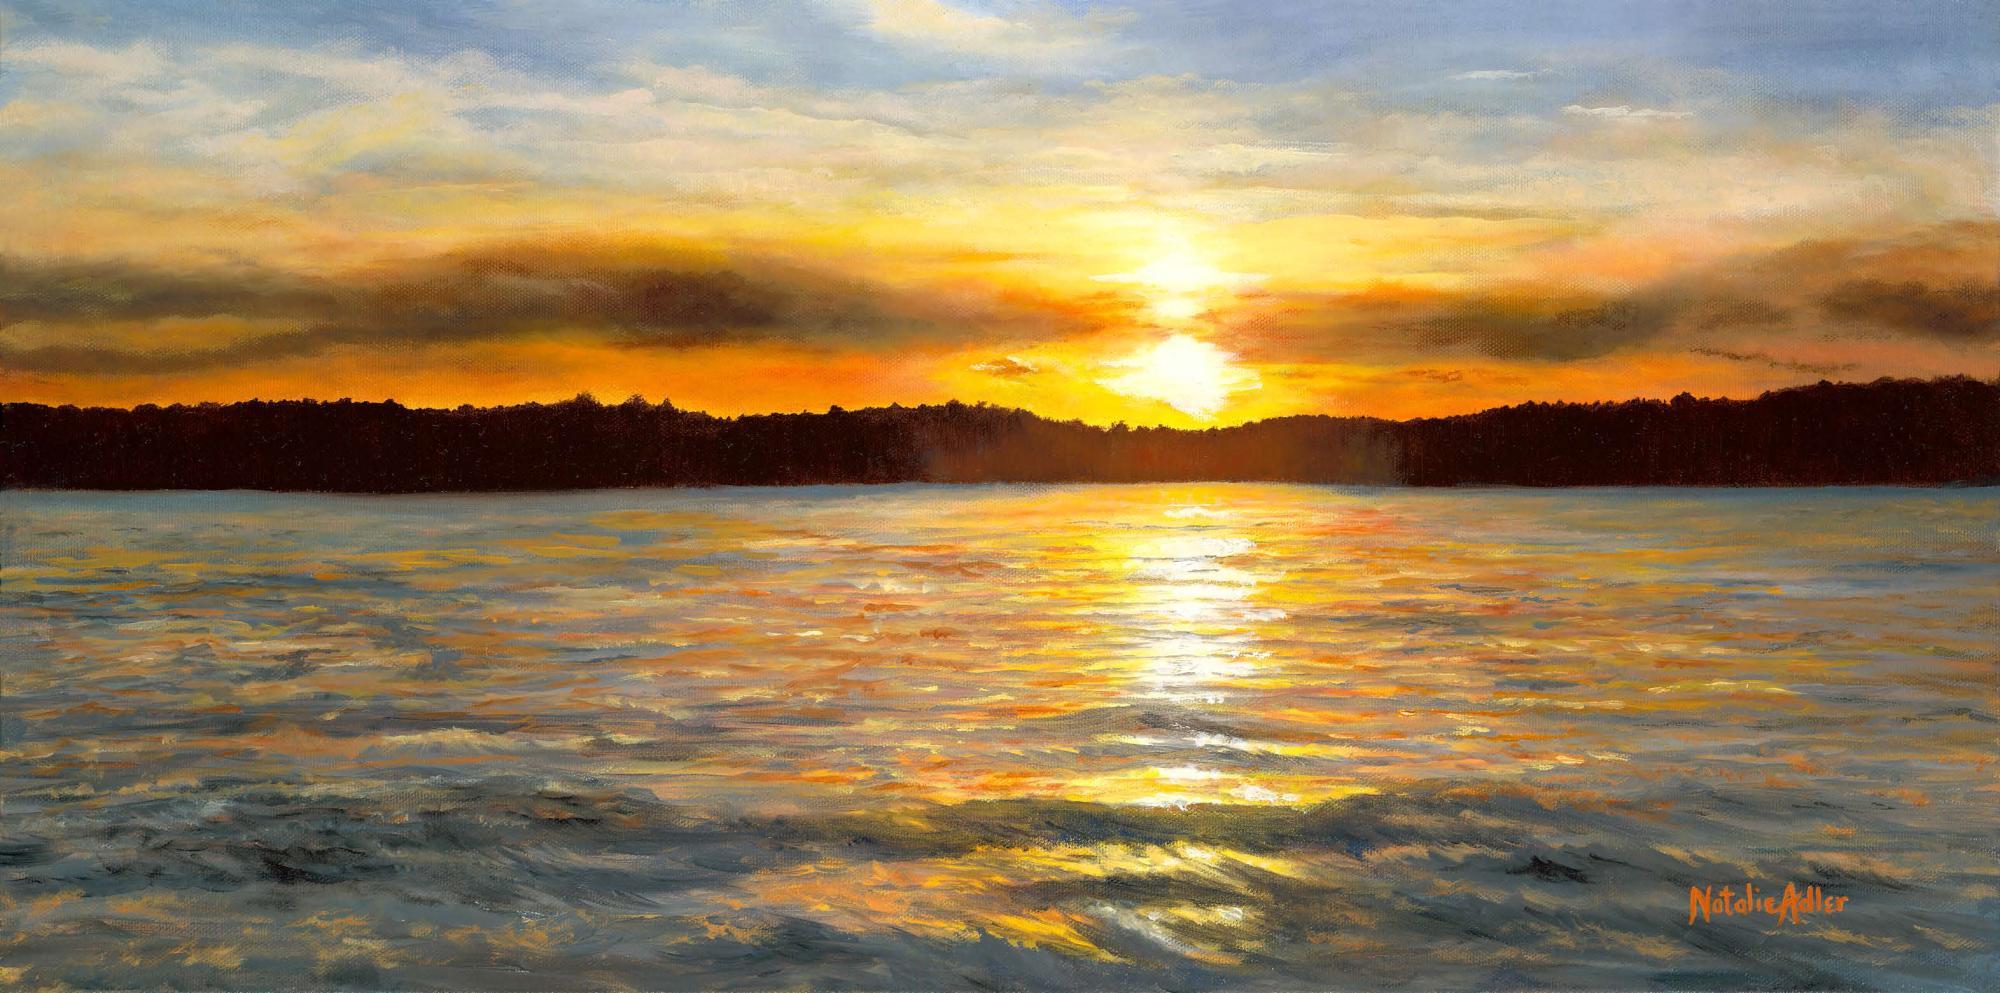 Saratoga lake sunset photo